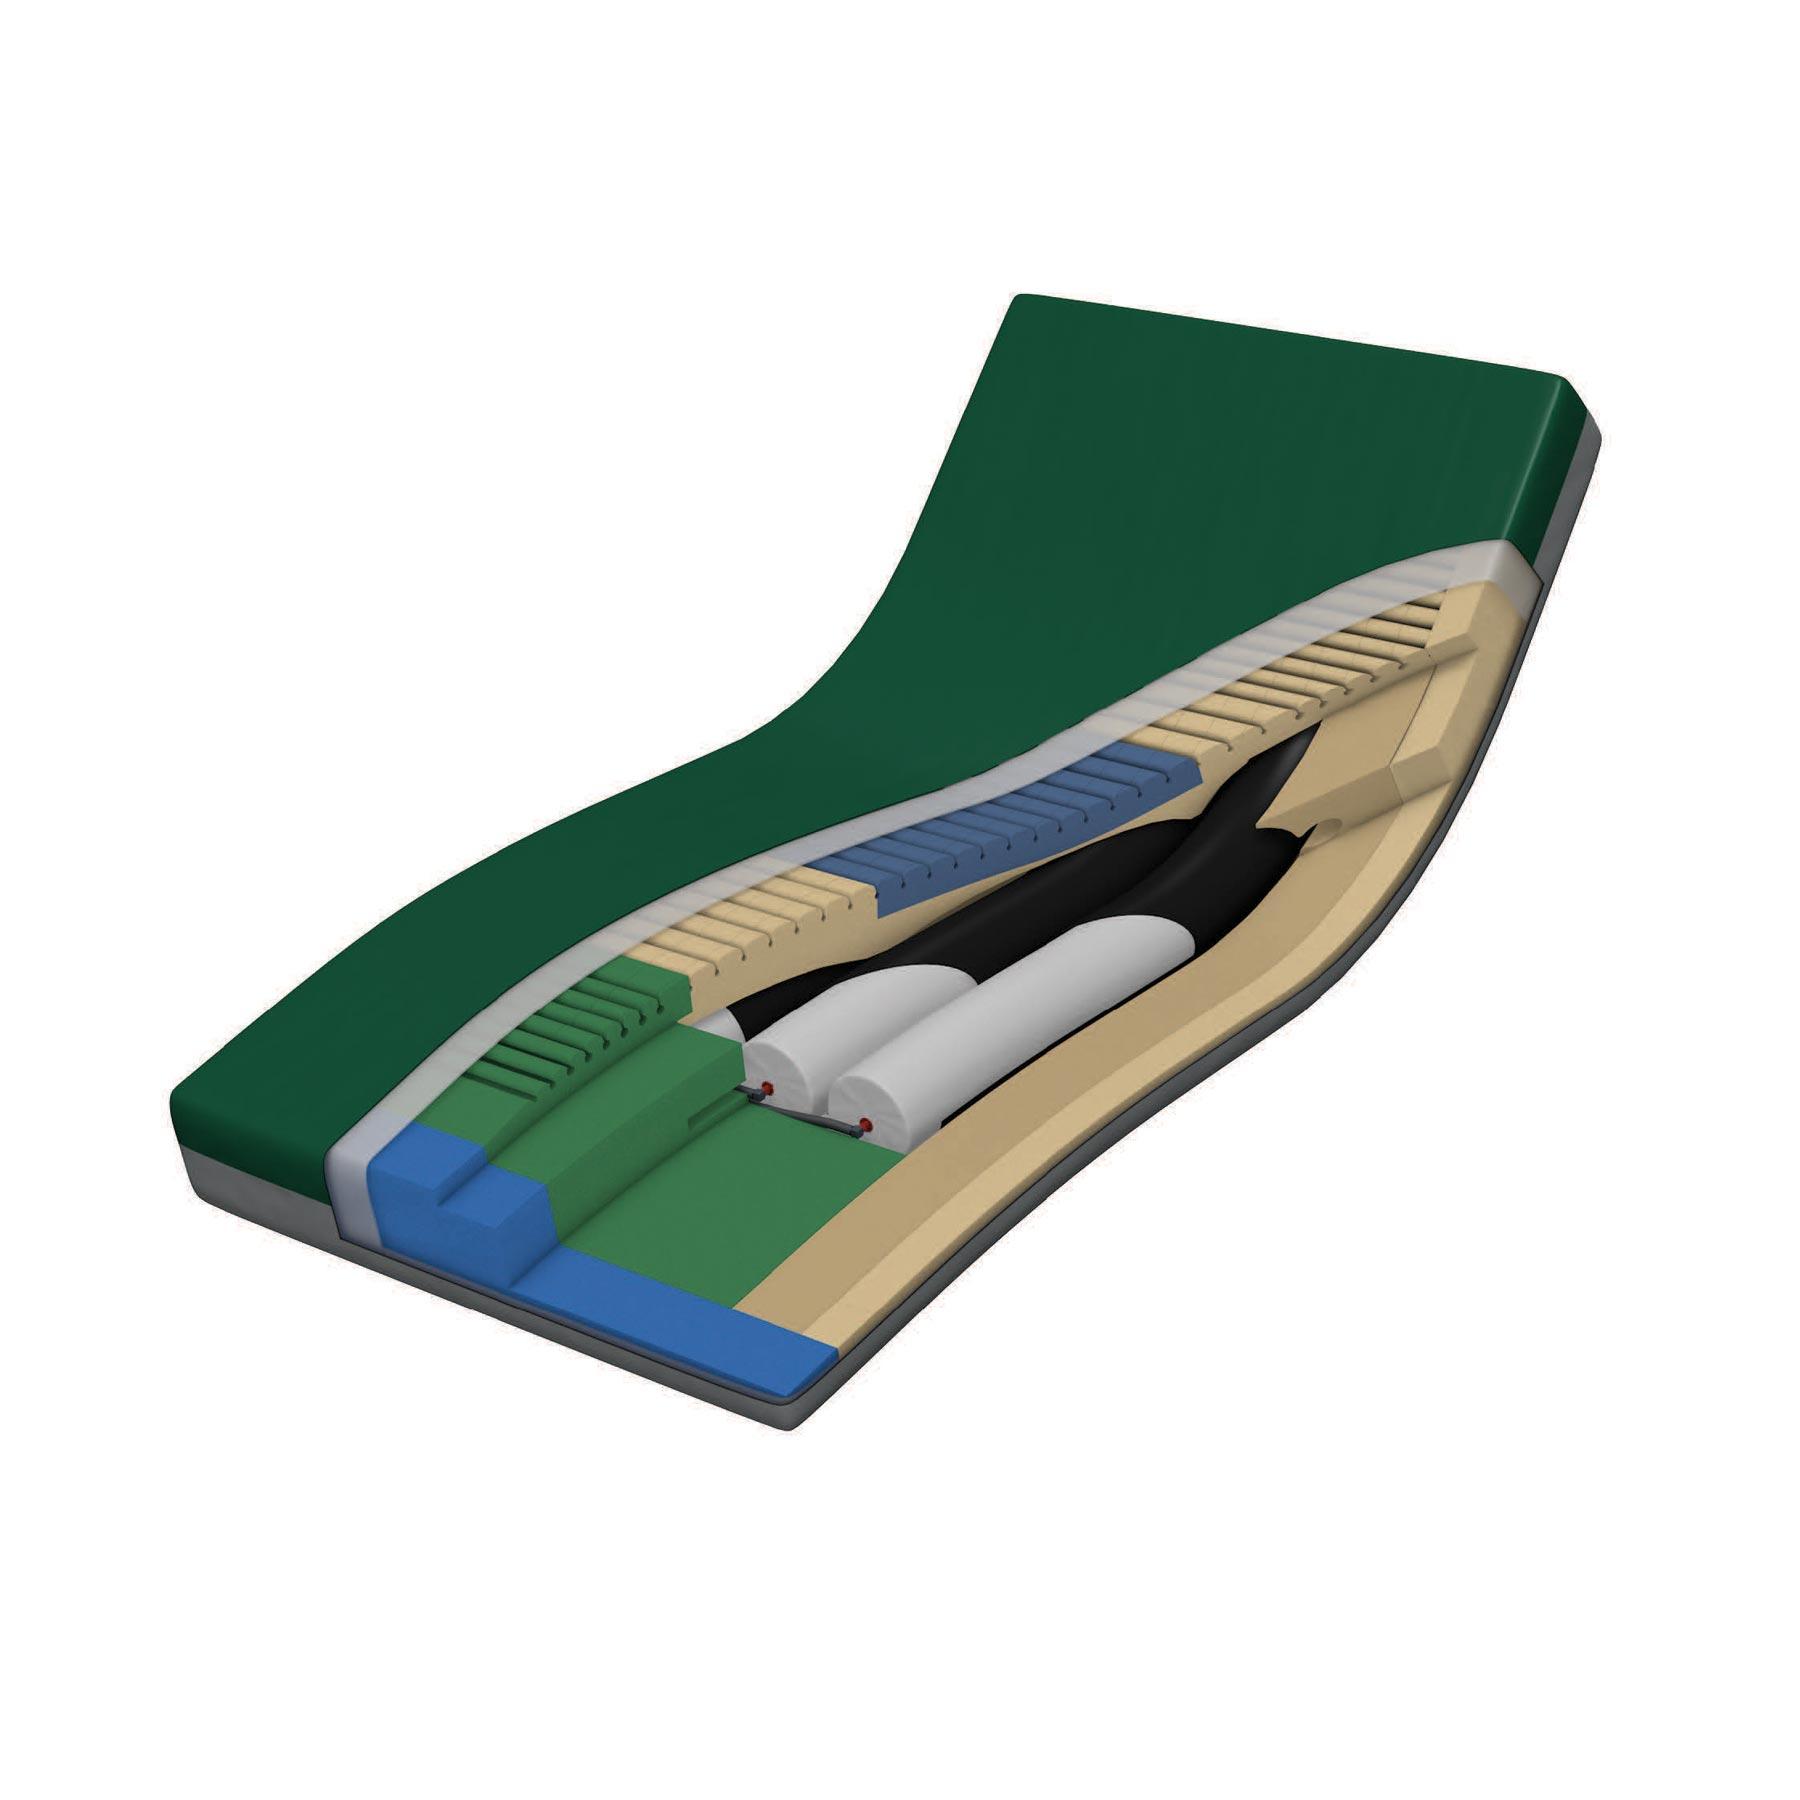 Span America pressureguard Span-Care convertible mattress